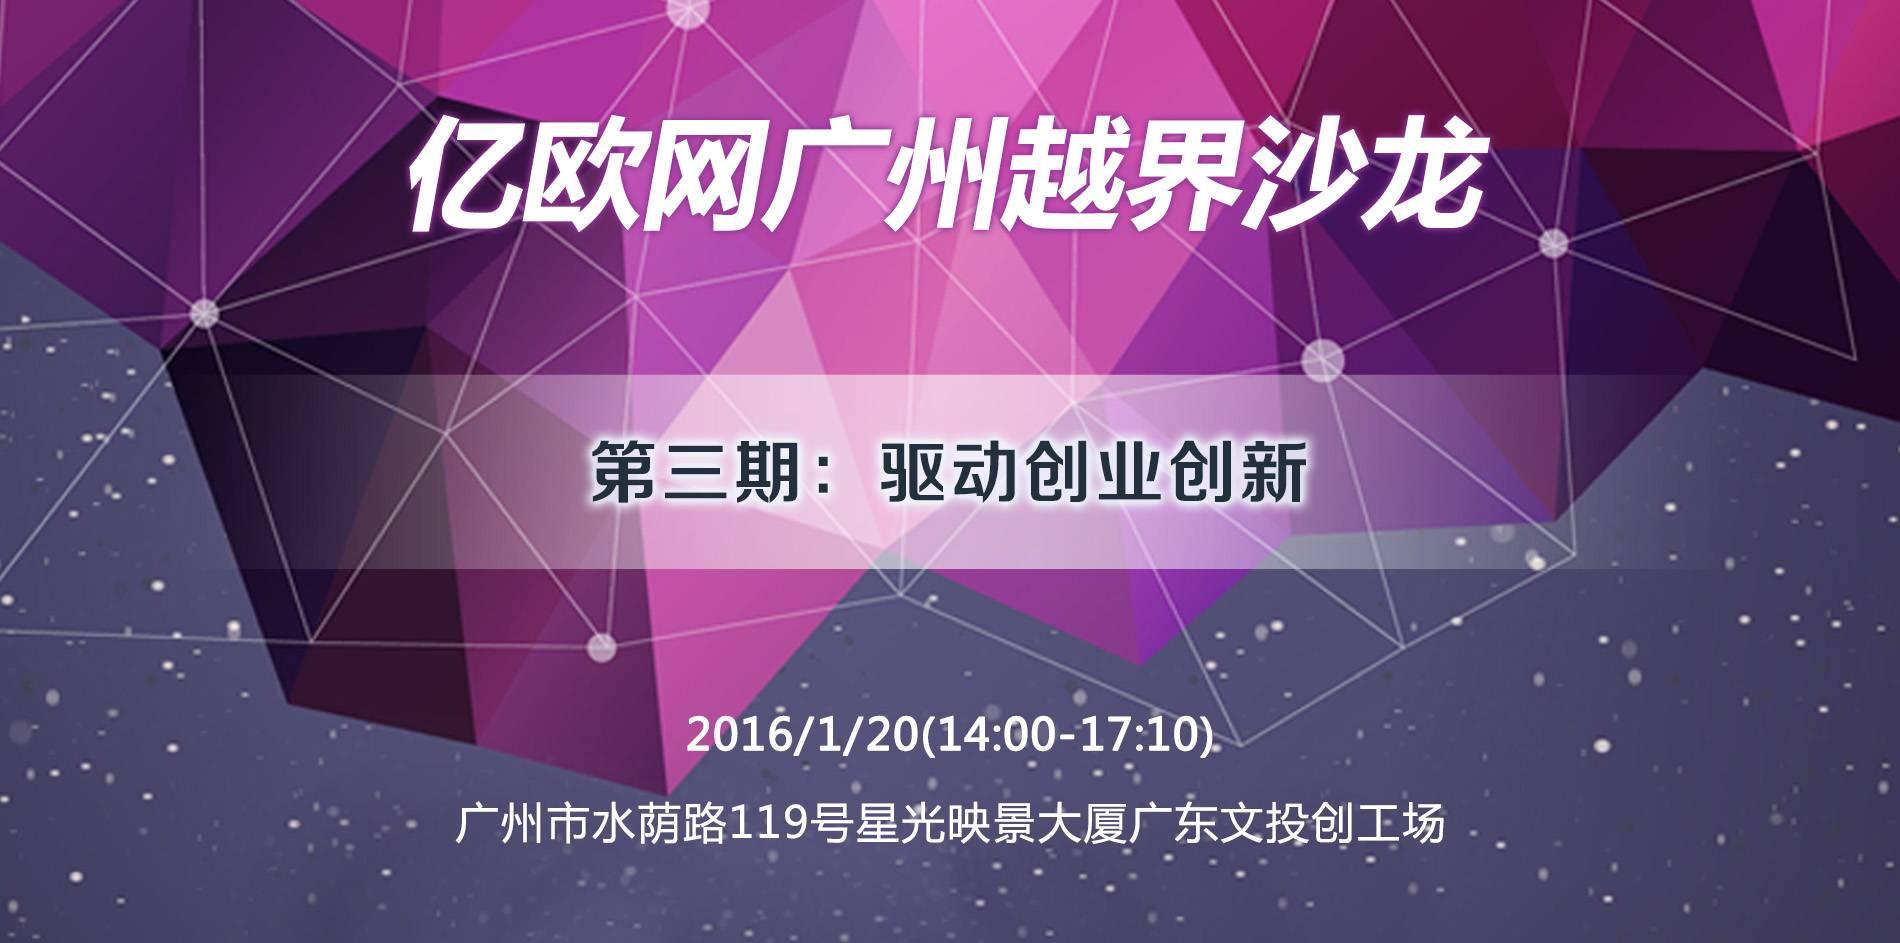 億歐網廣州越界沙龍第3期·驅動創業創新(1月20日)